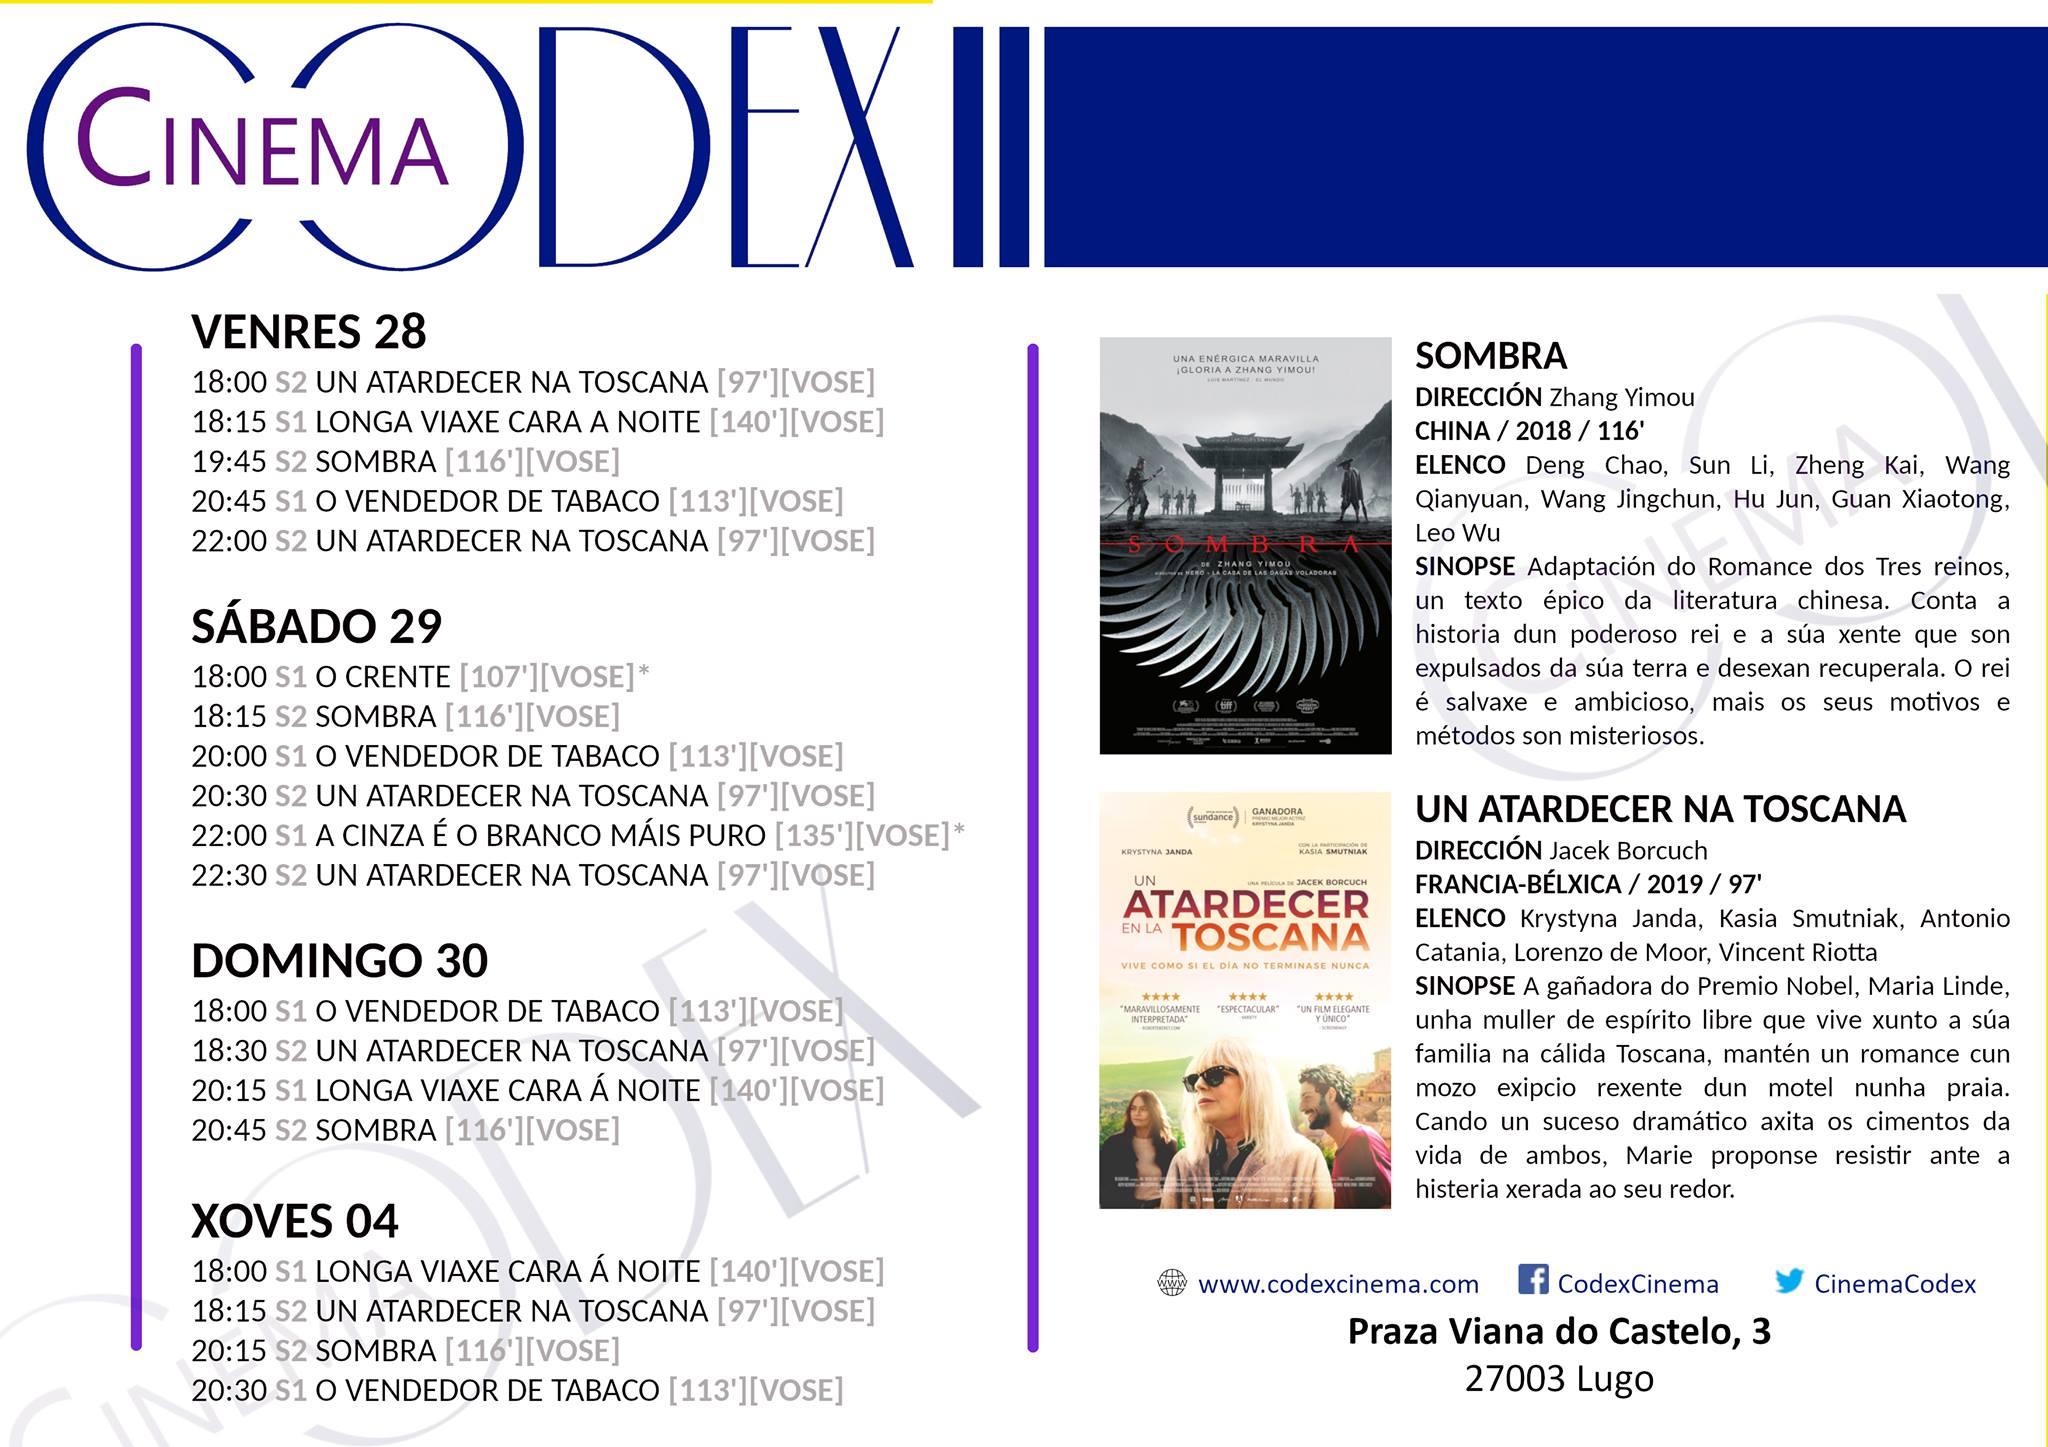 Películas en Codex Cinema del 28/06 al 04/07